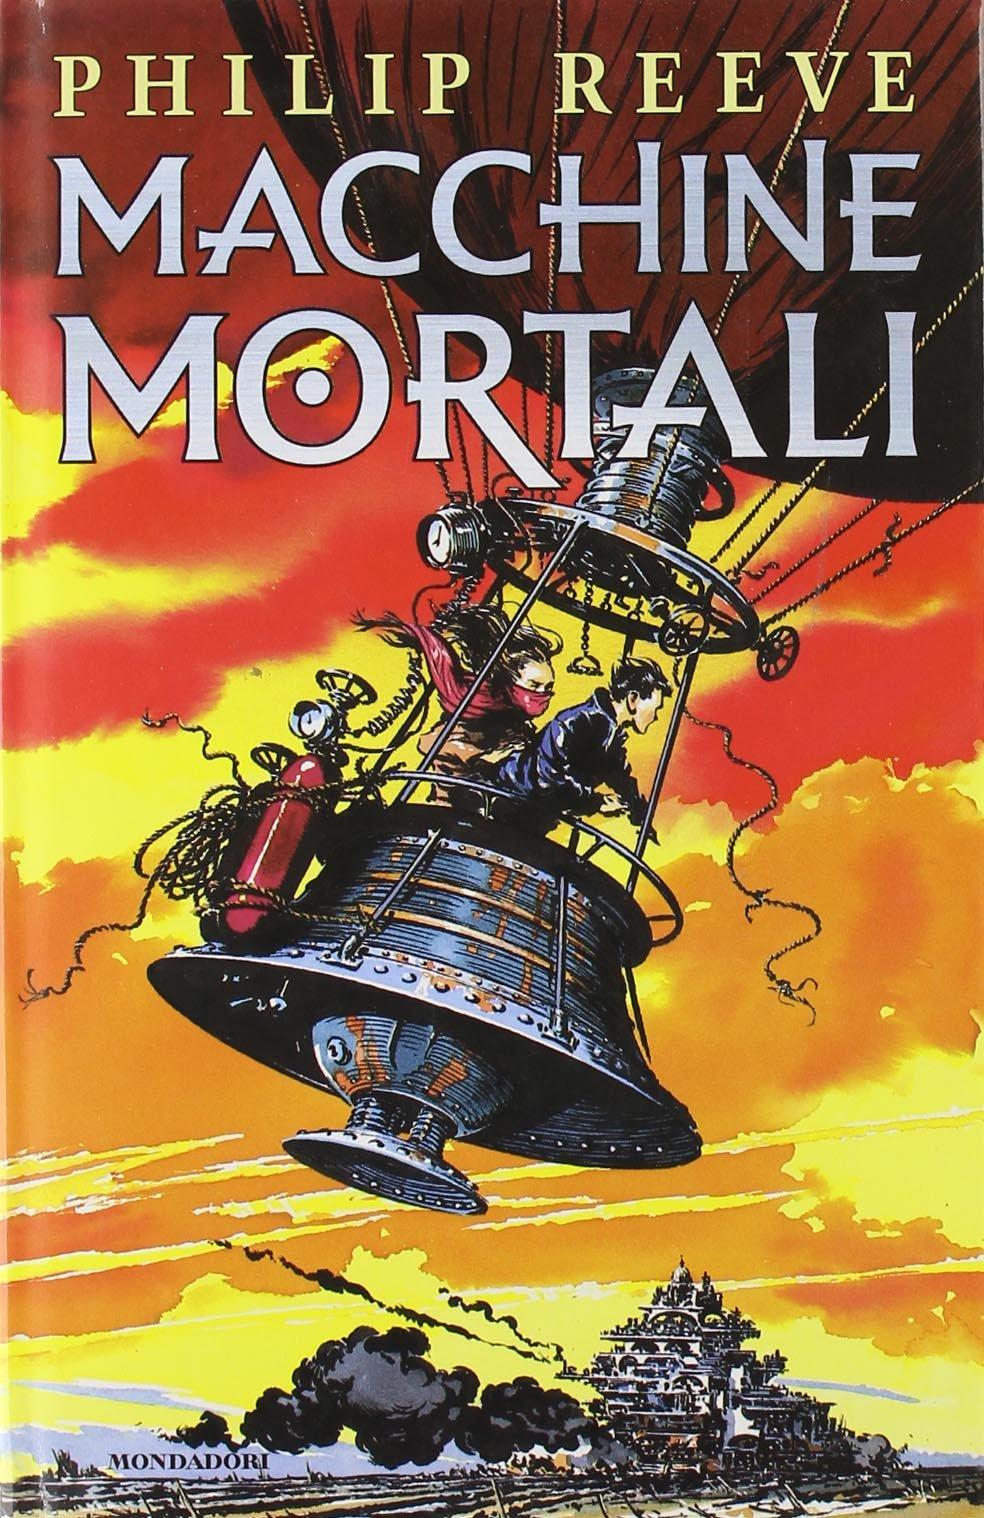 Macchine Mortali – Philip Reeve